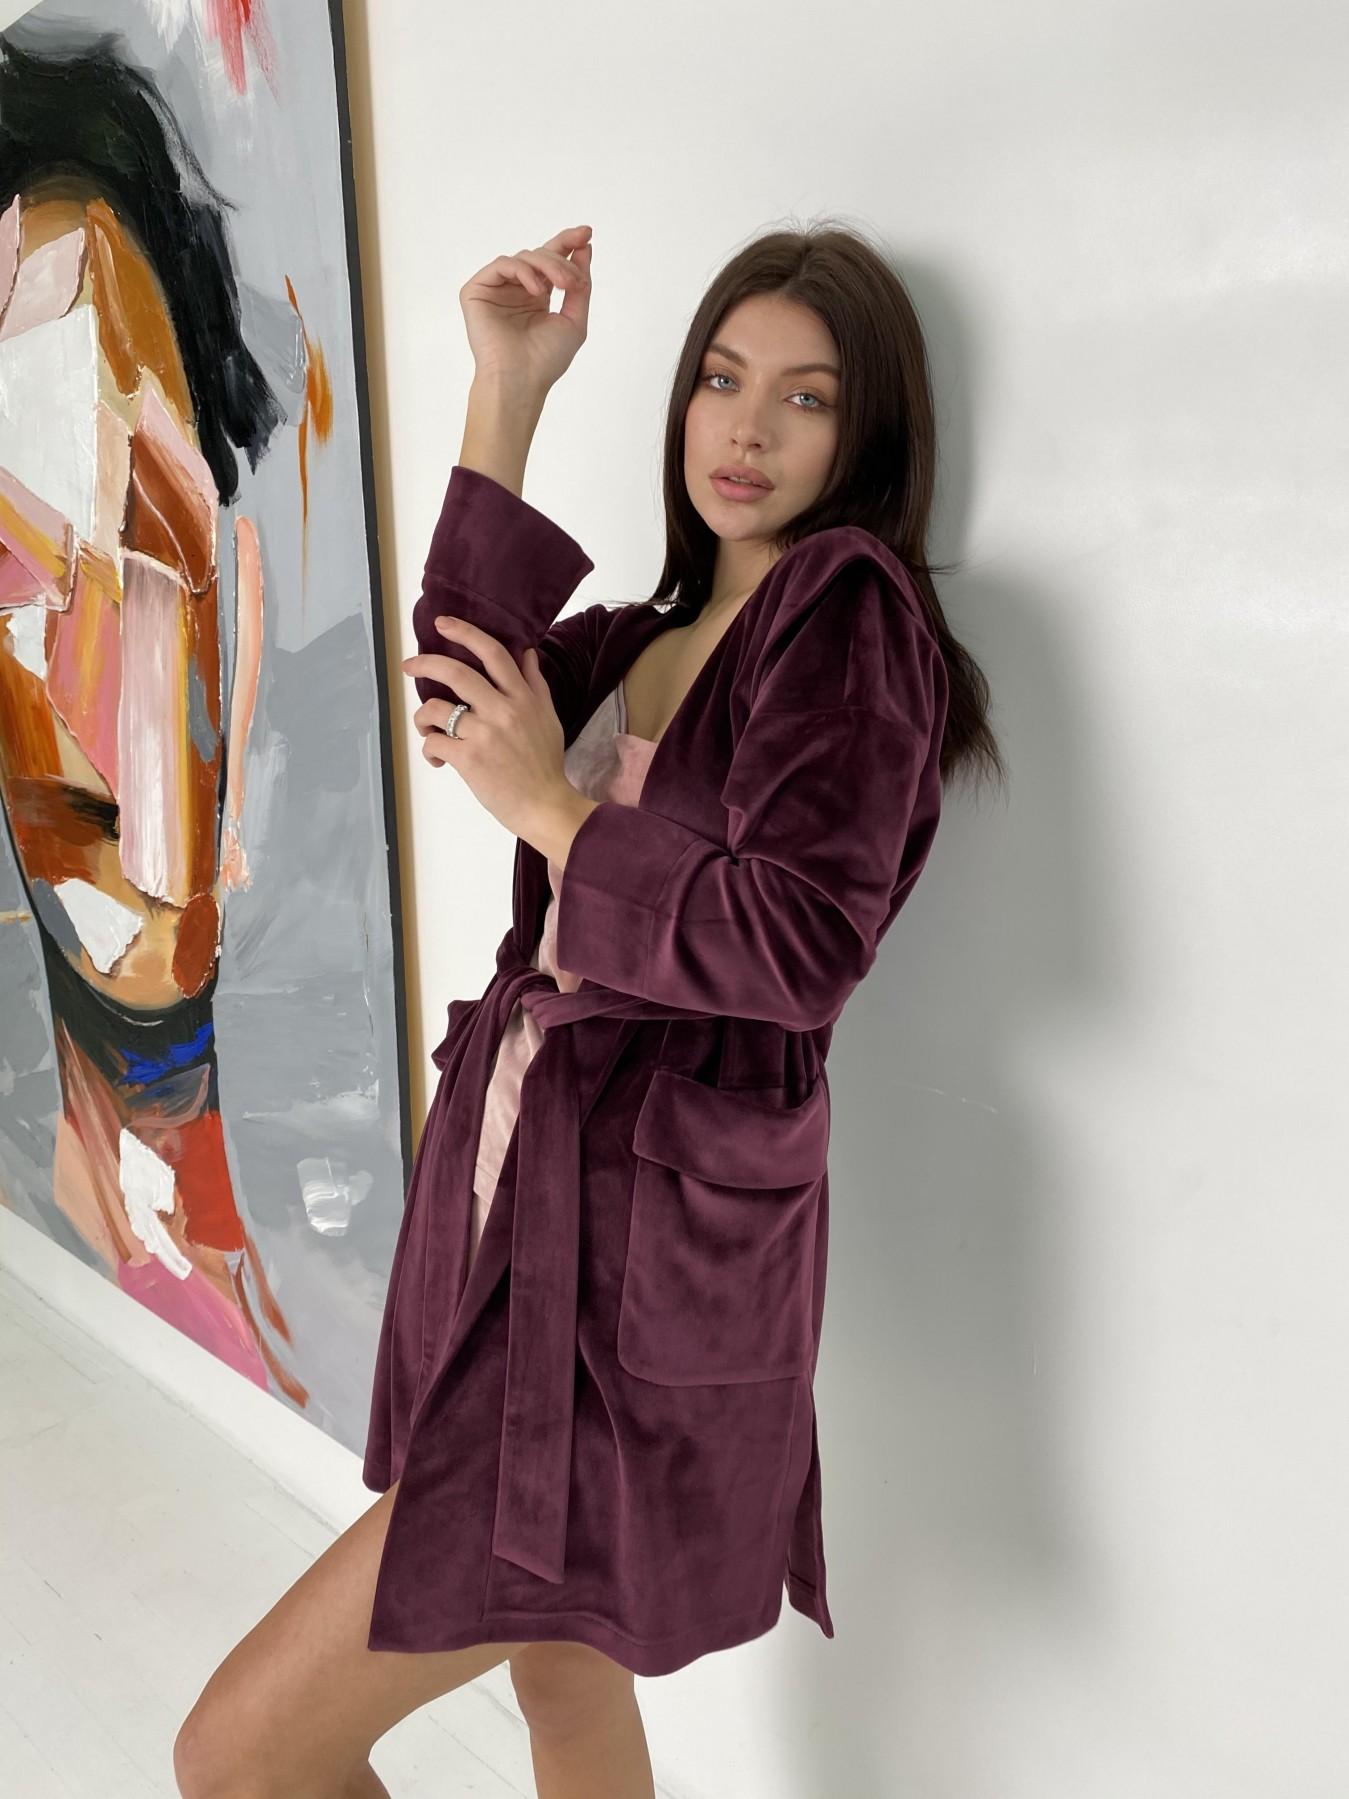 Фабьен халат из  велюровой ткани  10483 АРТ. 46840 Цвет: Марсала - фото 5, интернет магазин tm-modus.ru